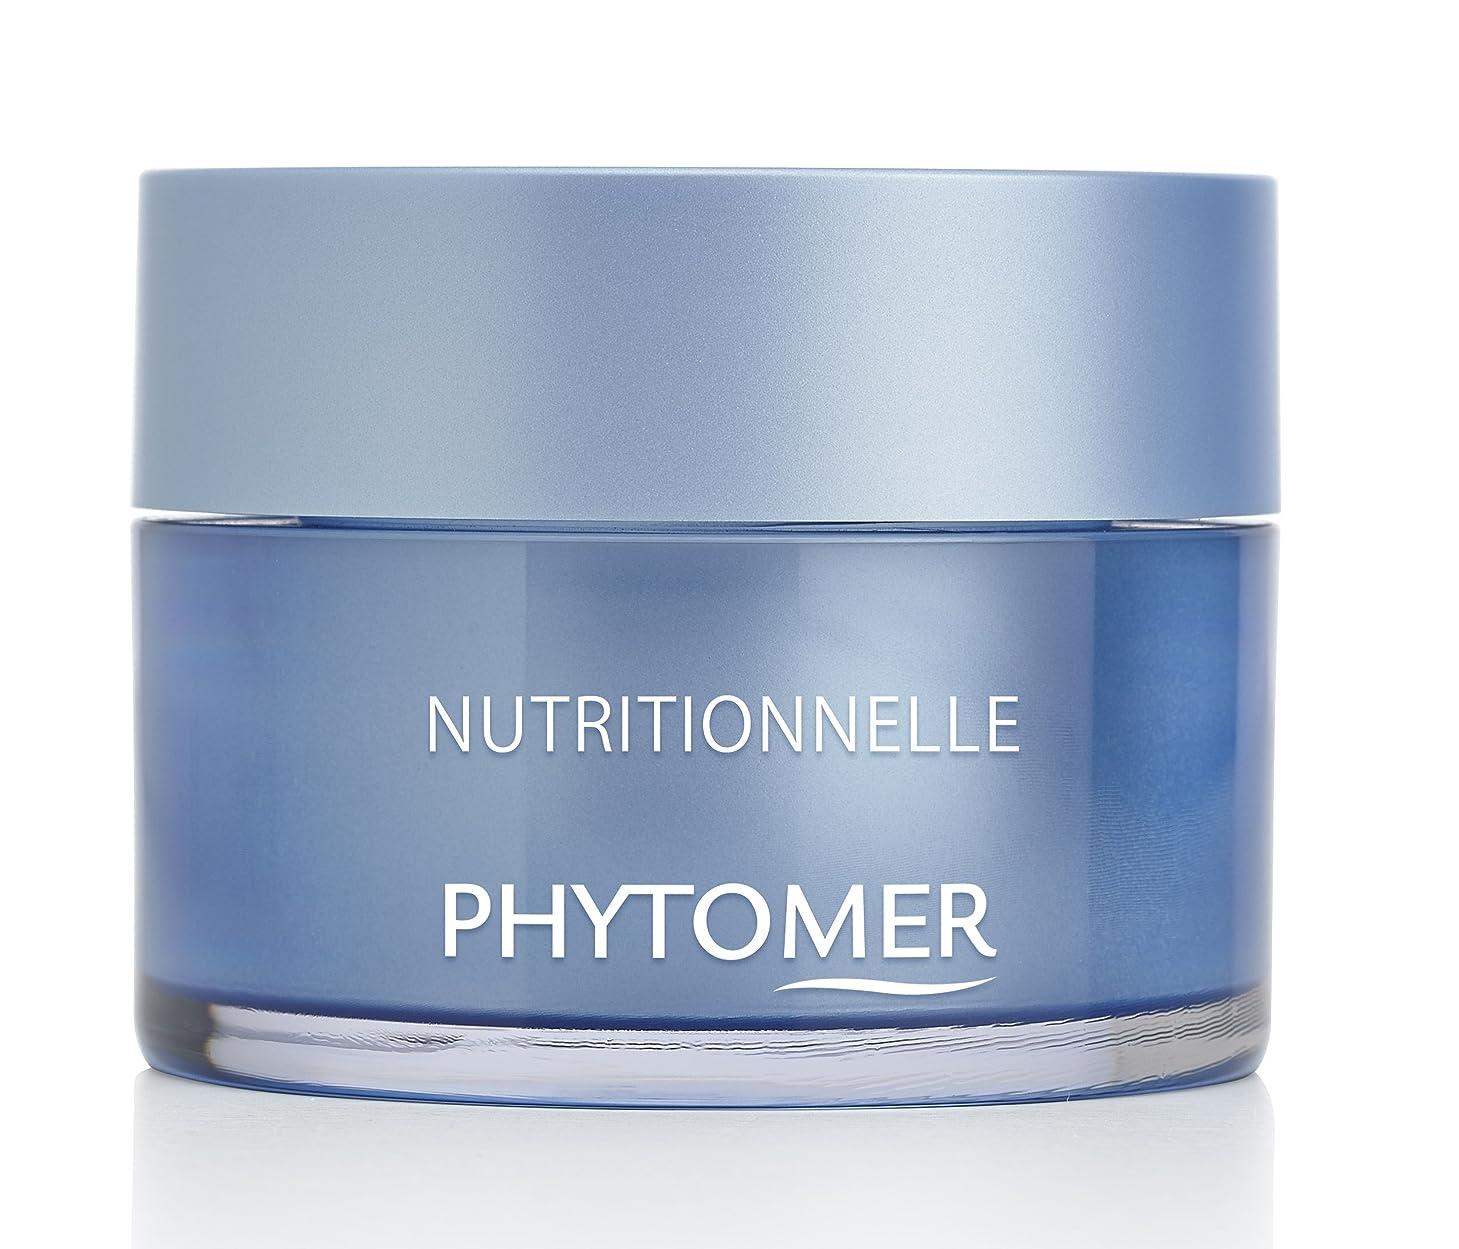 モチーフクルーズライバルPhytomer Nutritionnelle Dry Skin Rescue Cream 50ml並行輸入品